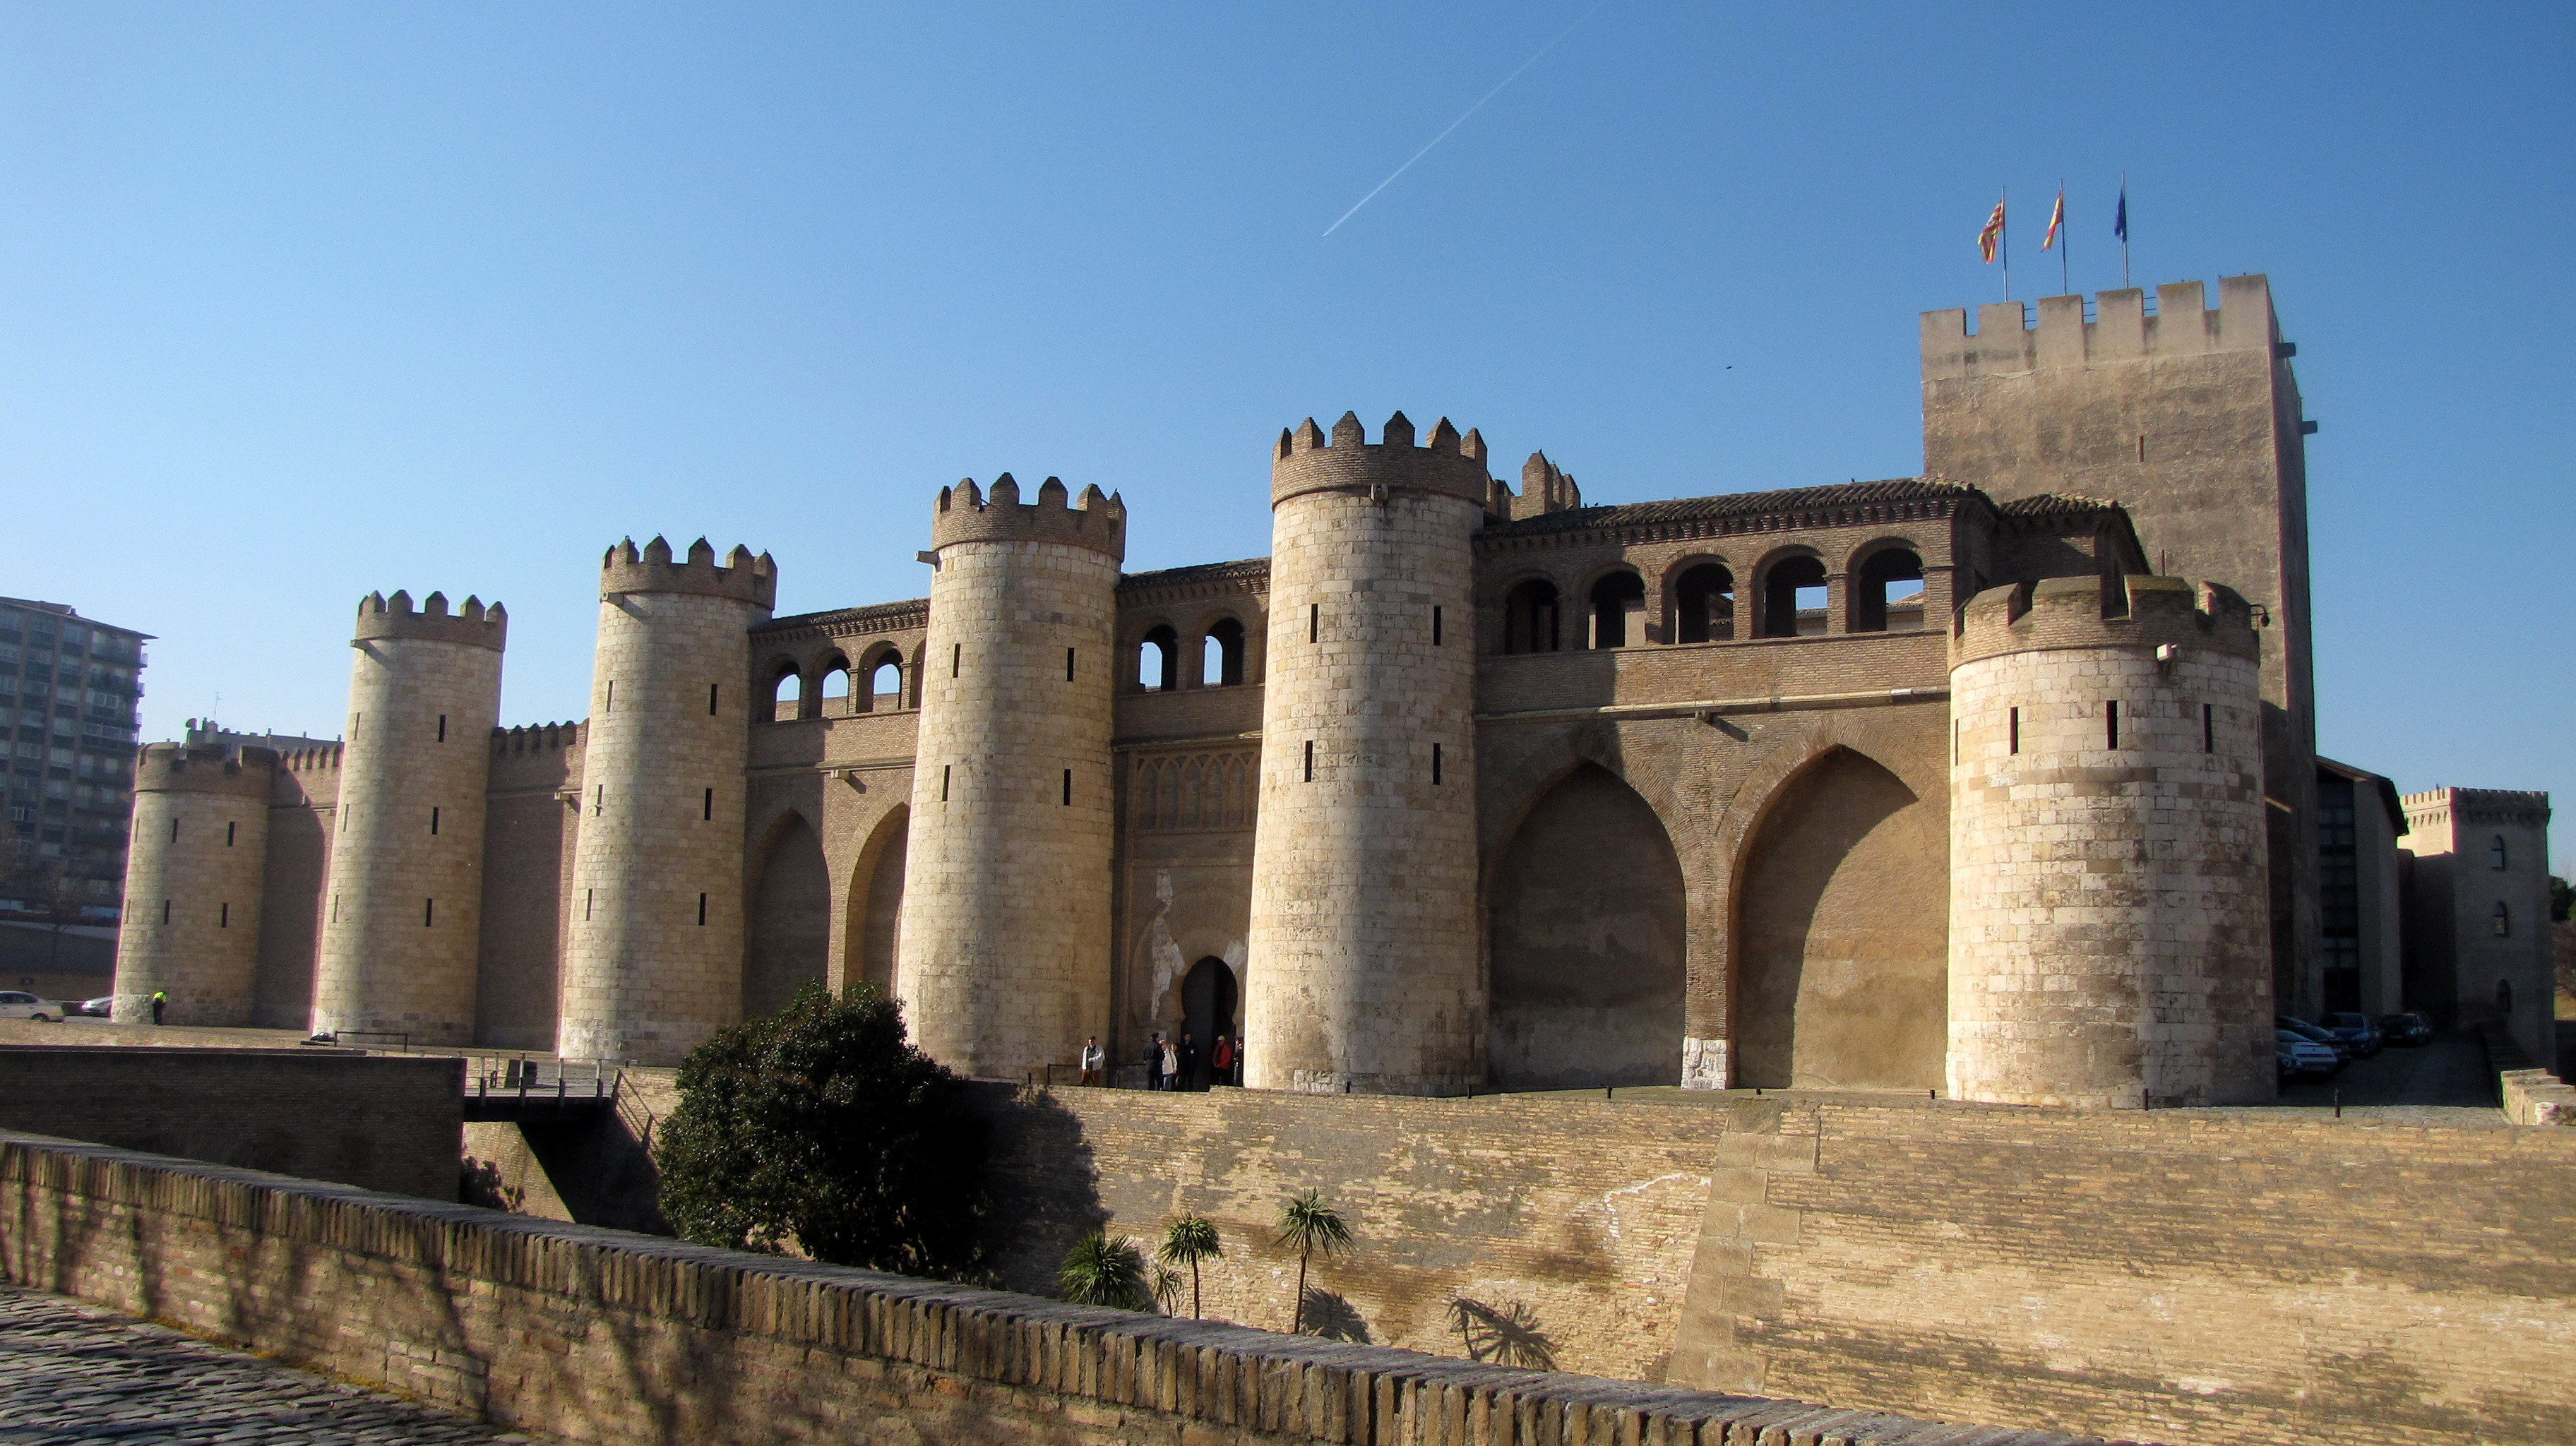 File:Palacio de la Aljafería.JPG - Wikimedia Commons